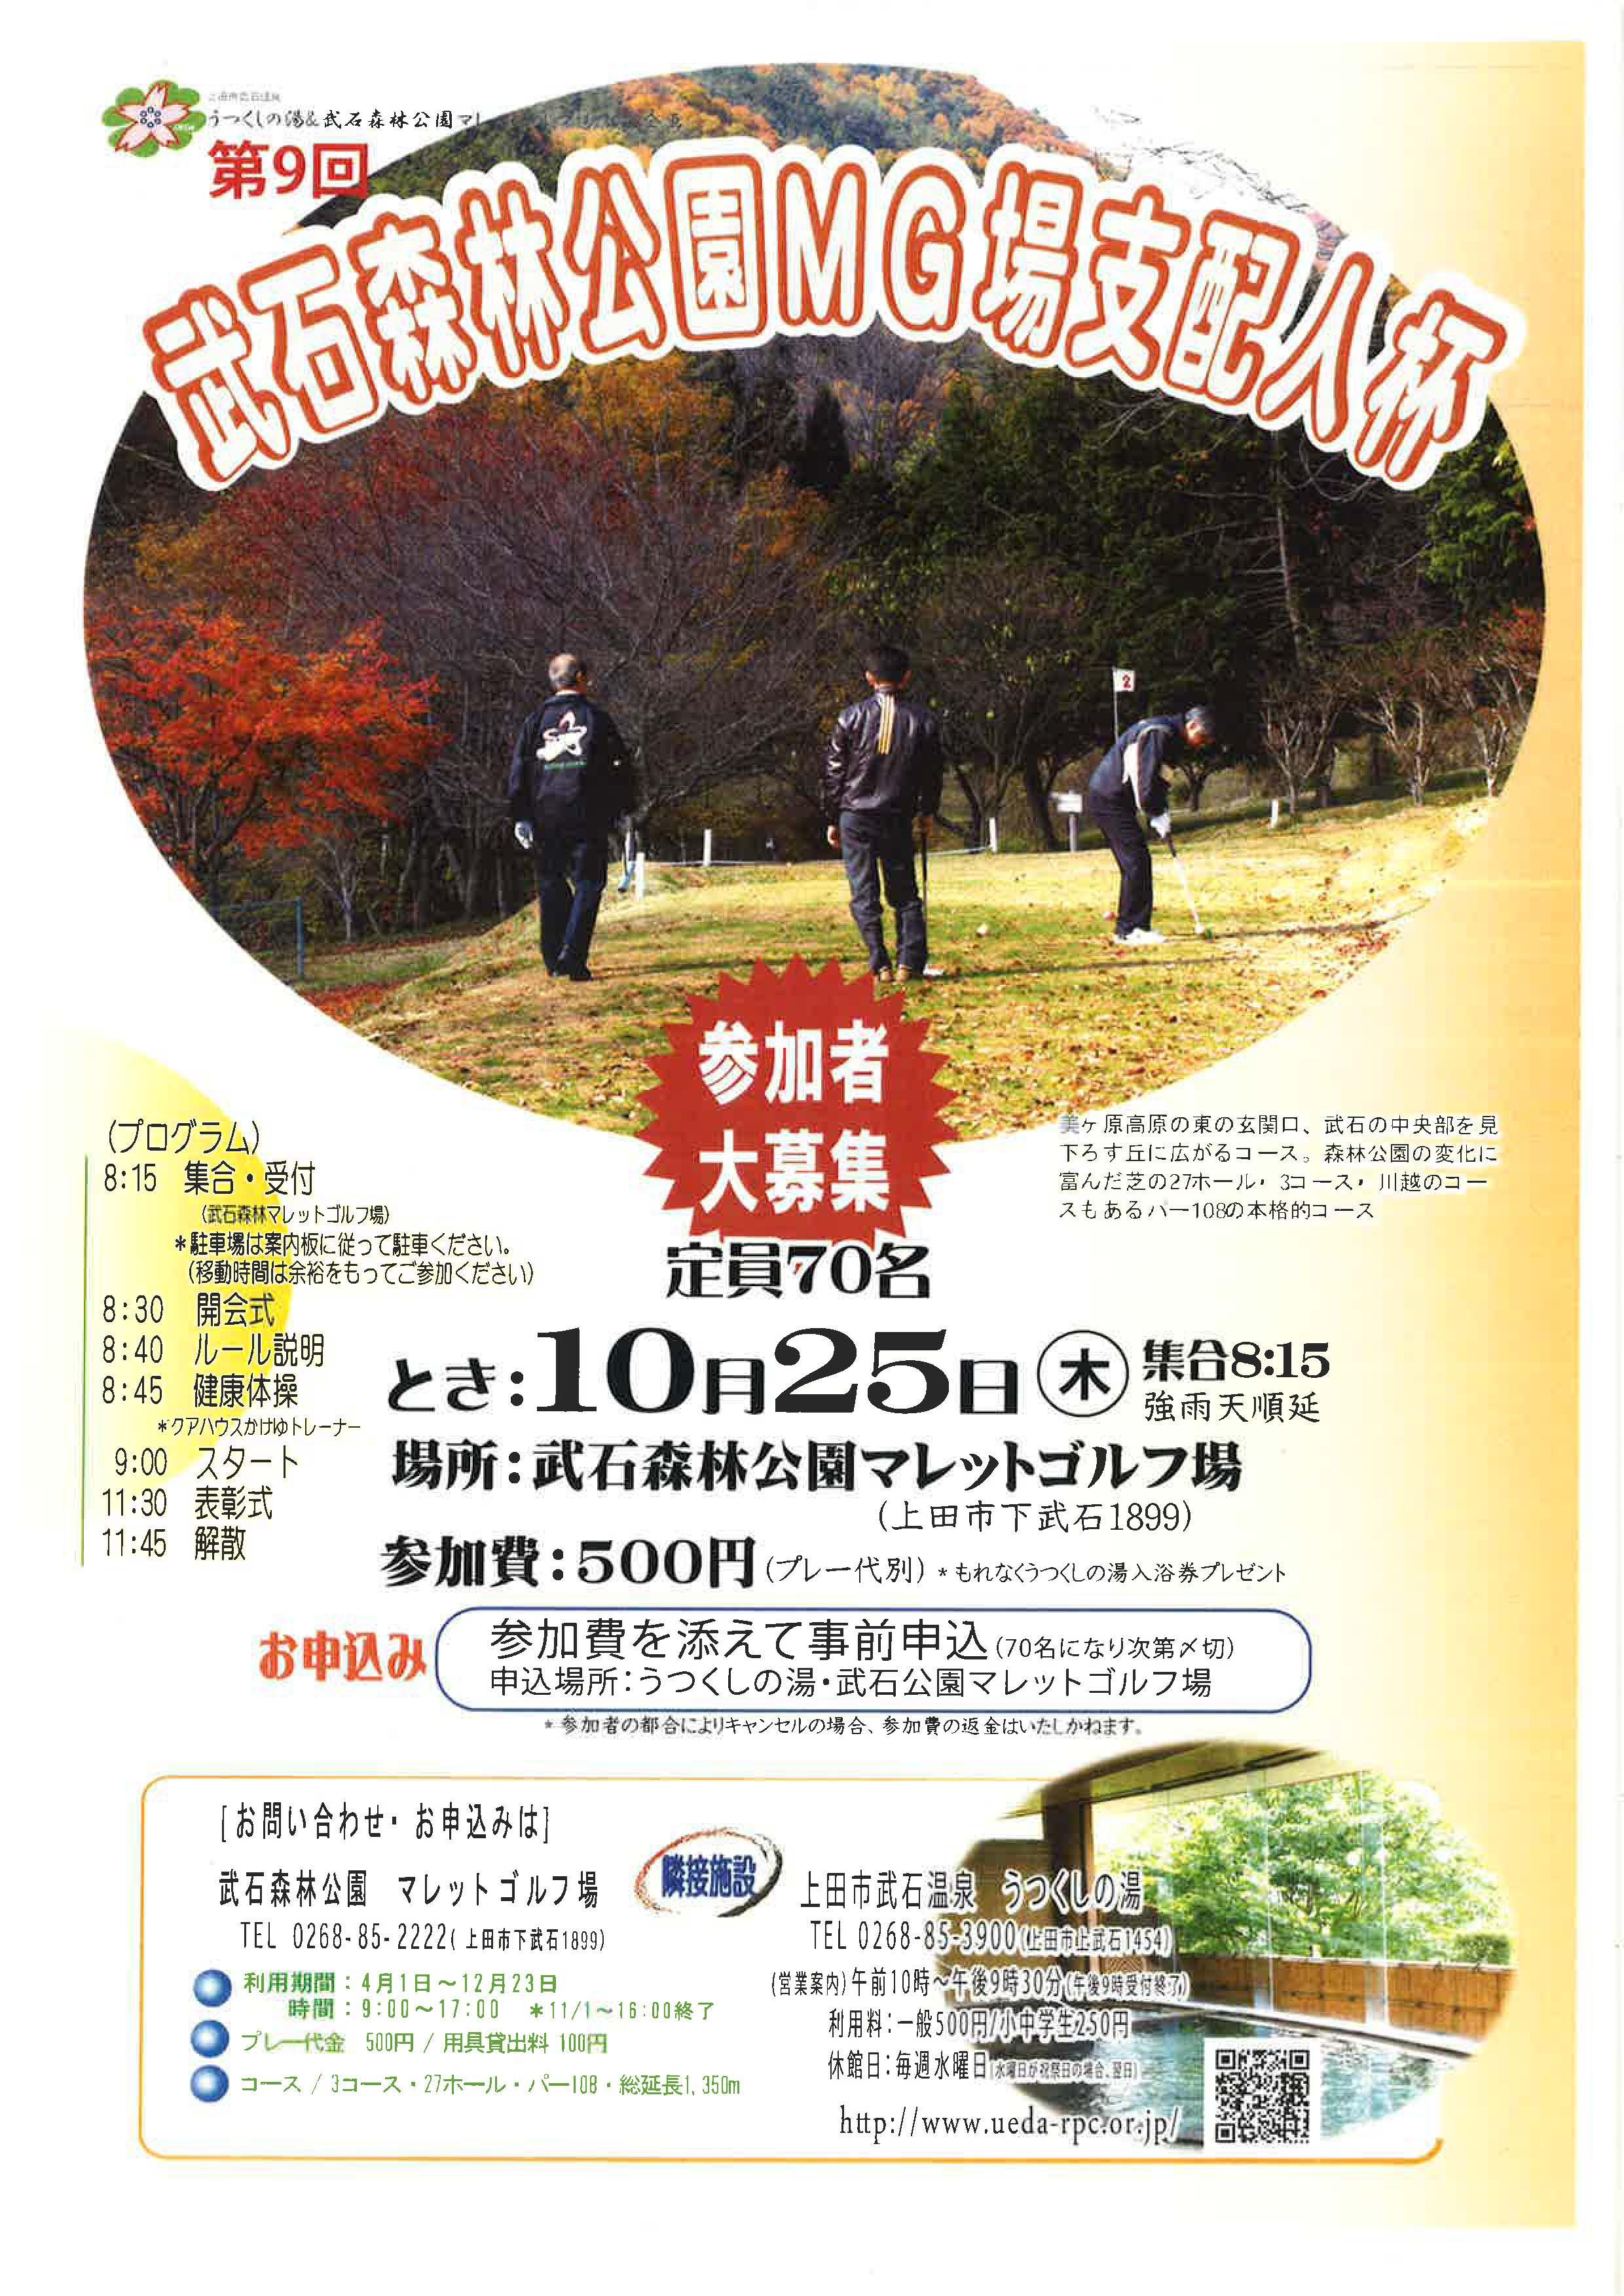 第9回武石森林公園マレットゴルフ場支配人杯10月25日